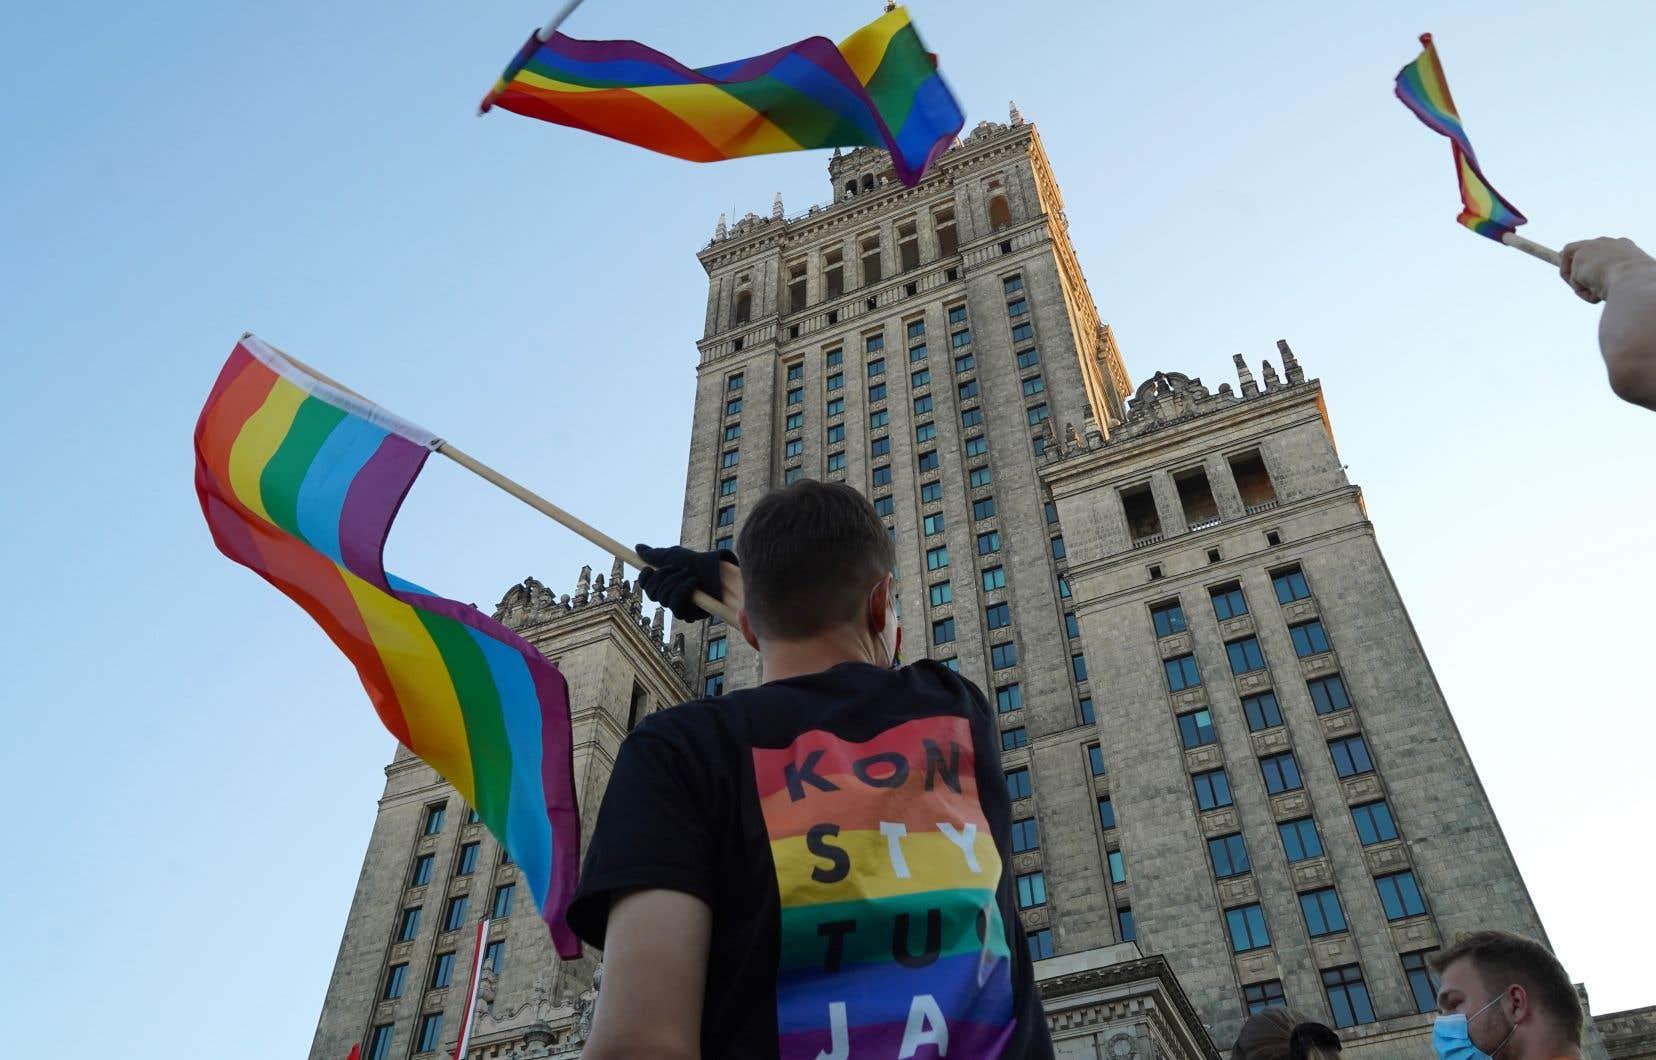 Quarante-huit manifestants ont été interpellés le 7août alors qu'ils tentaient de stopper l'arrestation d'une militante des droits LGBT à Varsovie, connue sous le nom de Margot, avait indiqué samedi la police polonaise.